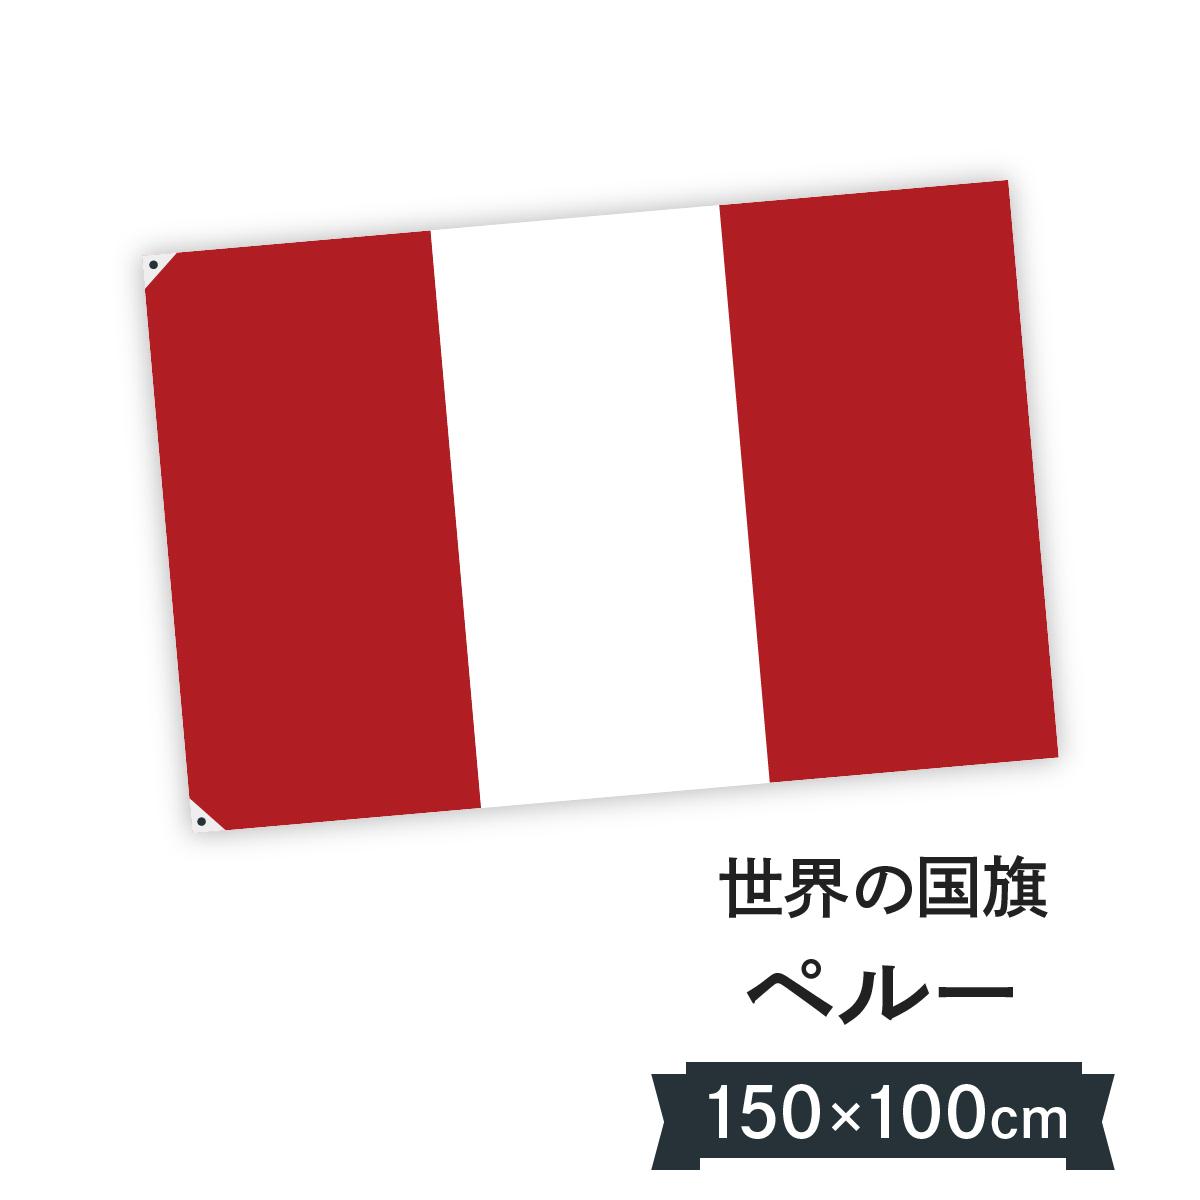 ペルー共和国 国旗 W150cm H100cm